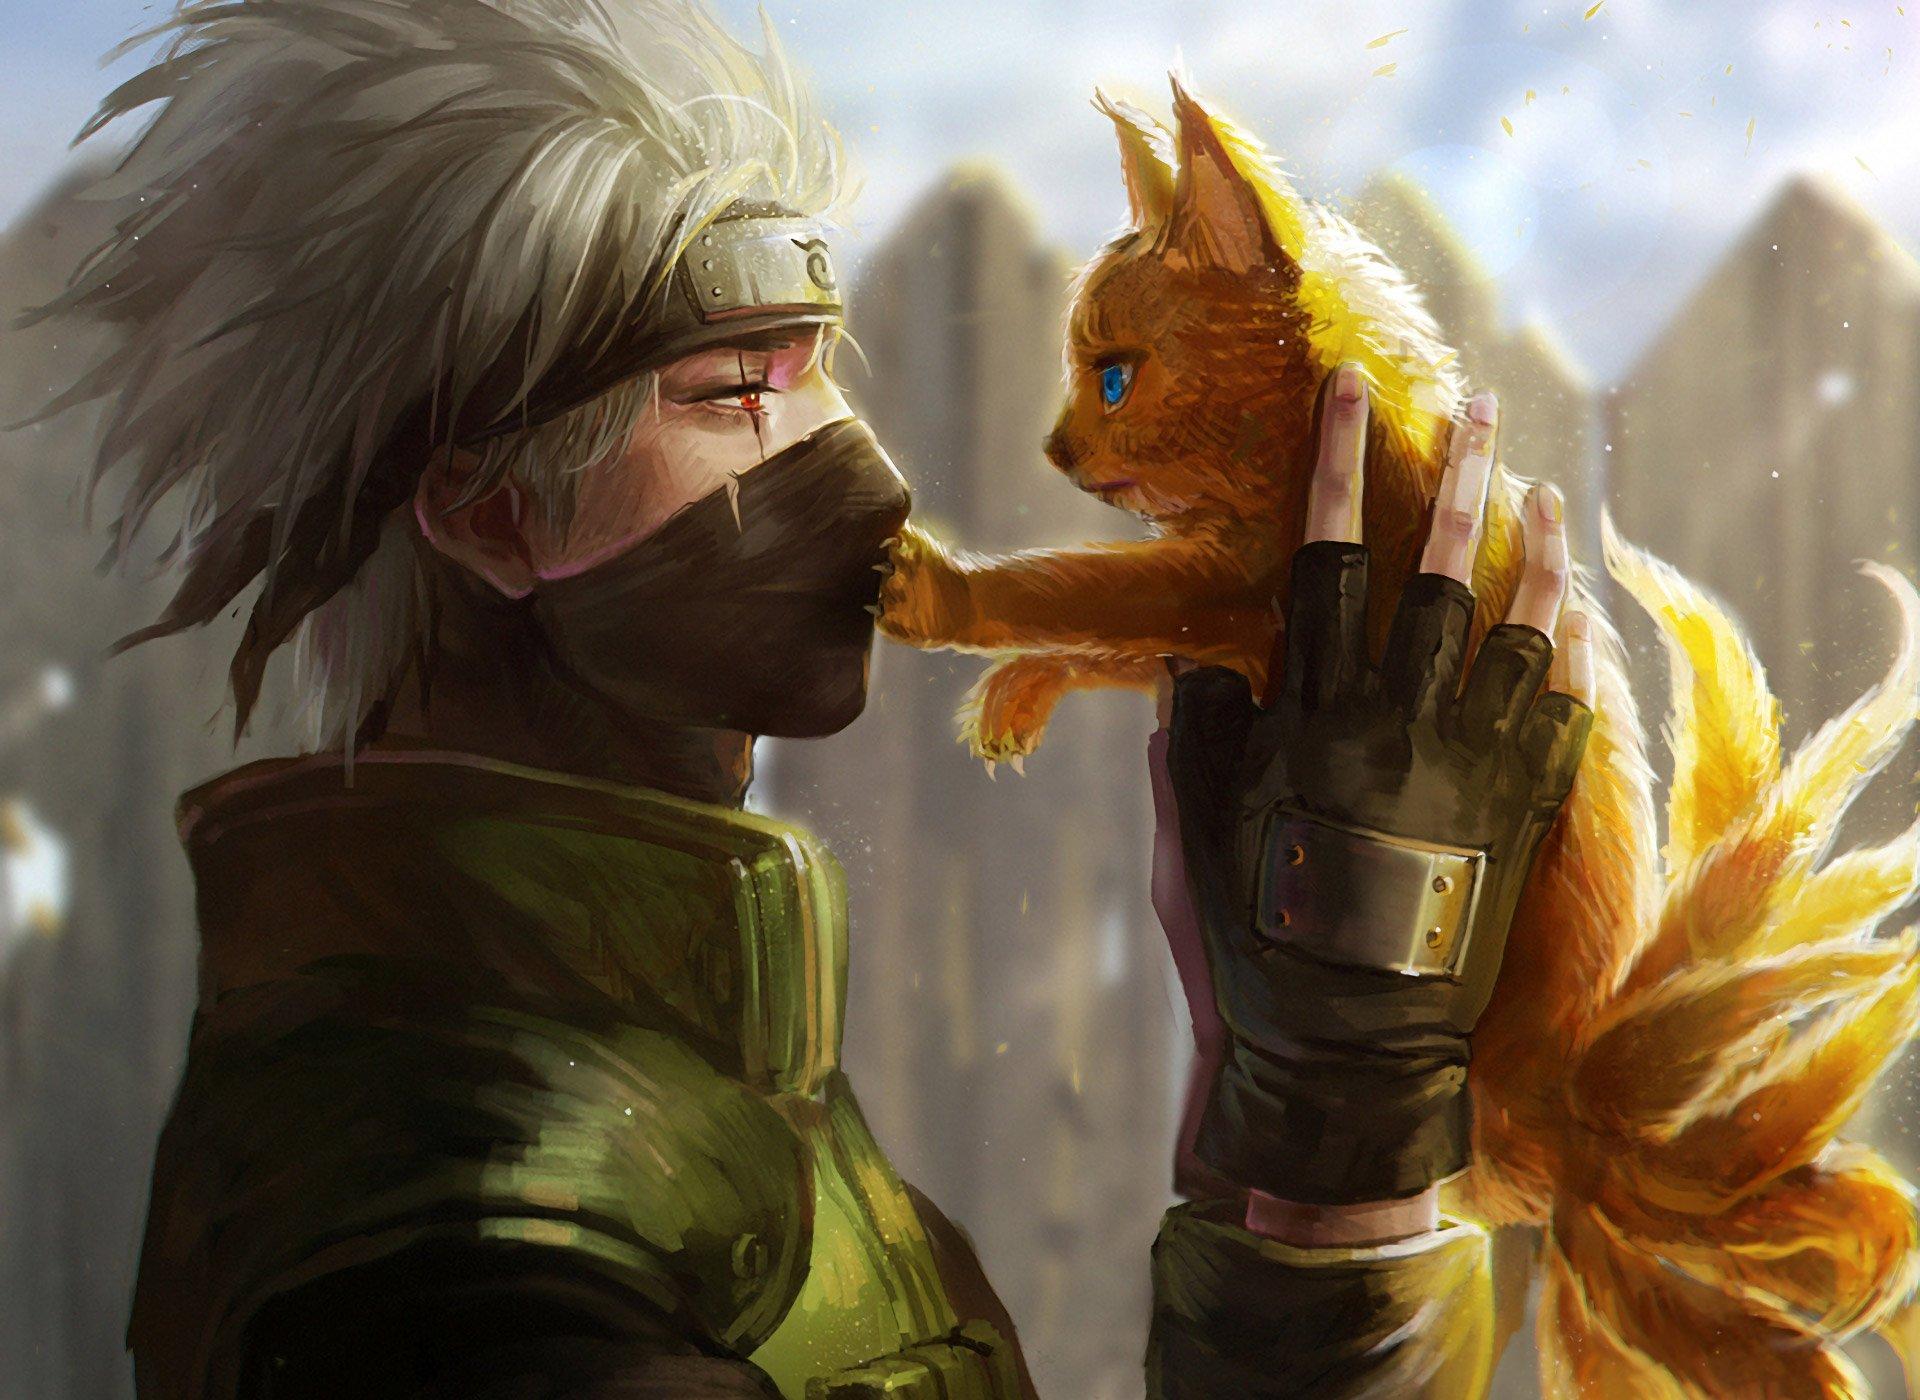 Fondos de pantalla Anime Naruto artwork